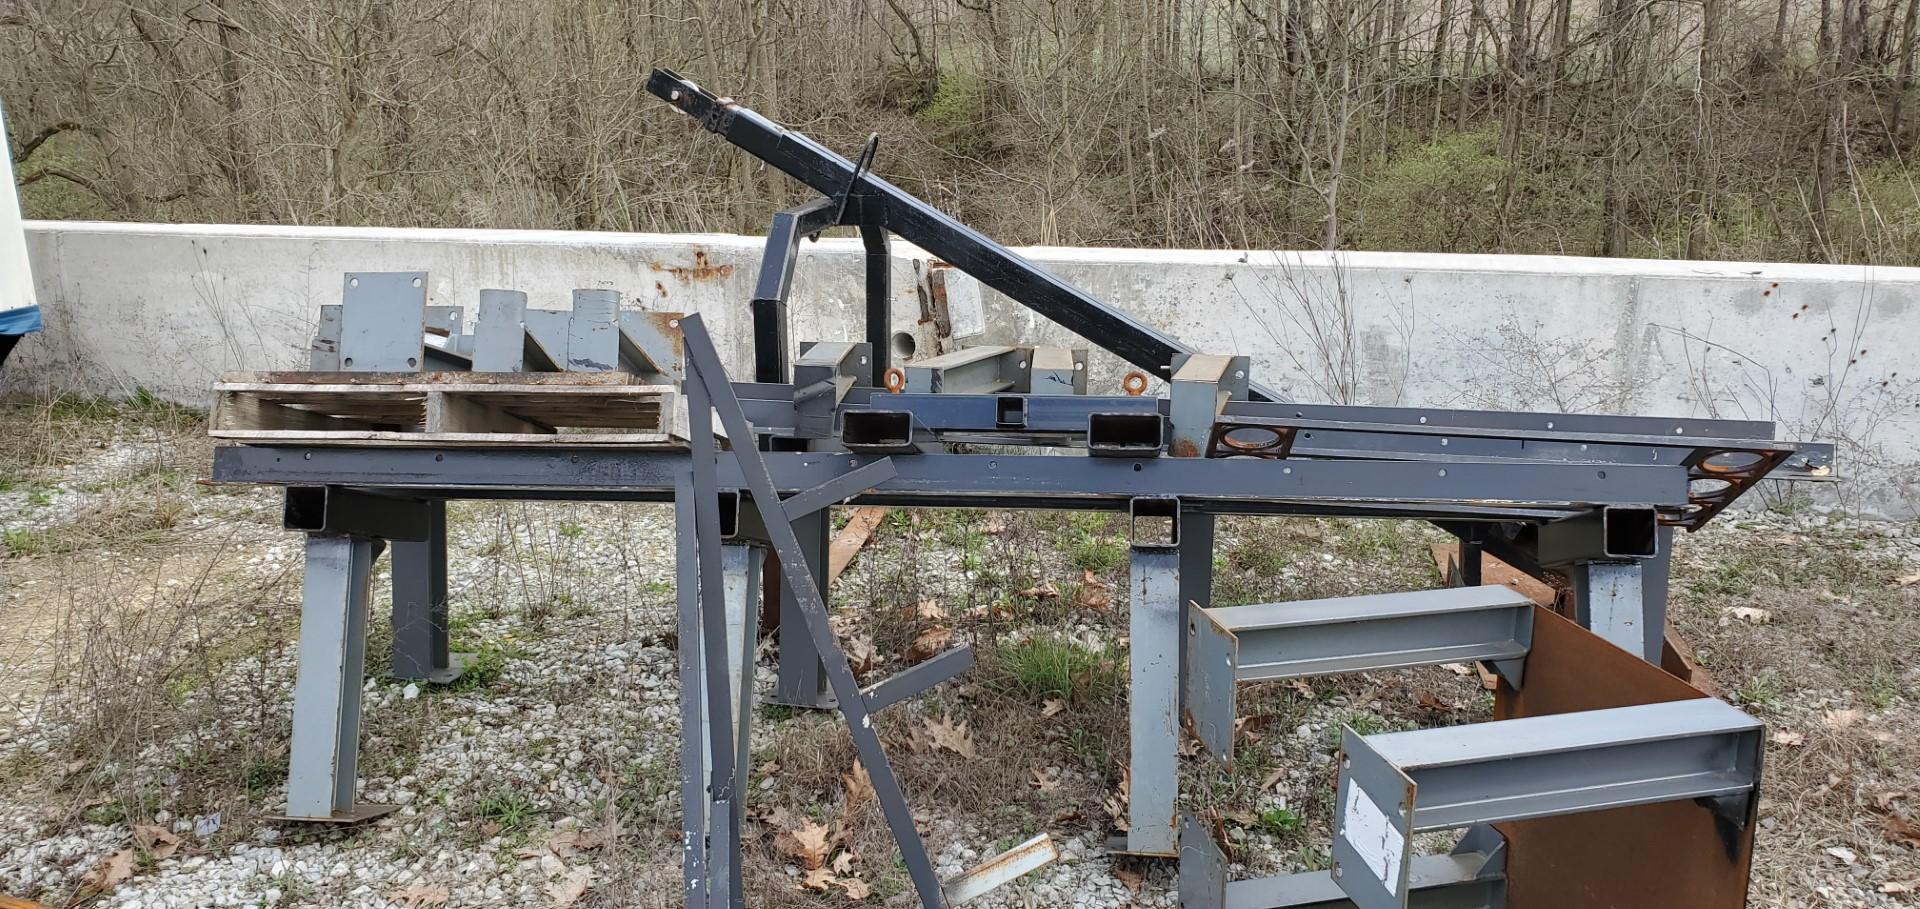 Scrap Metal - Image 2 of 2